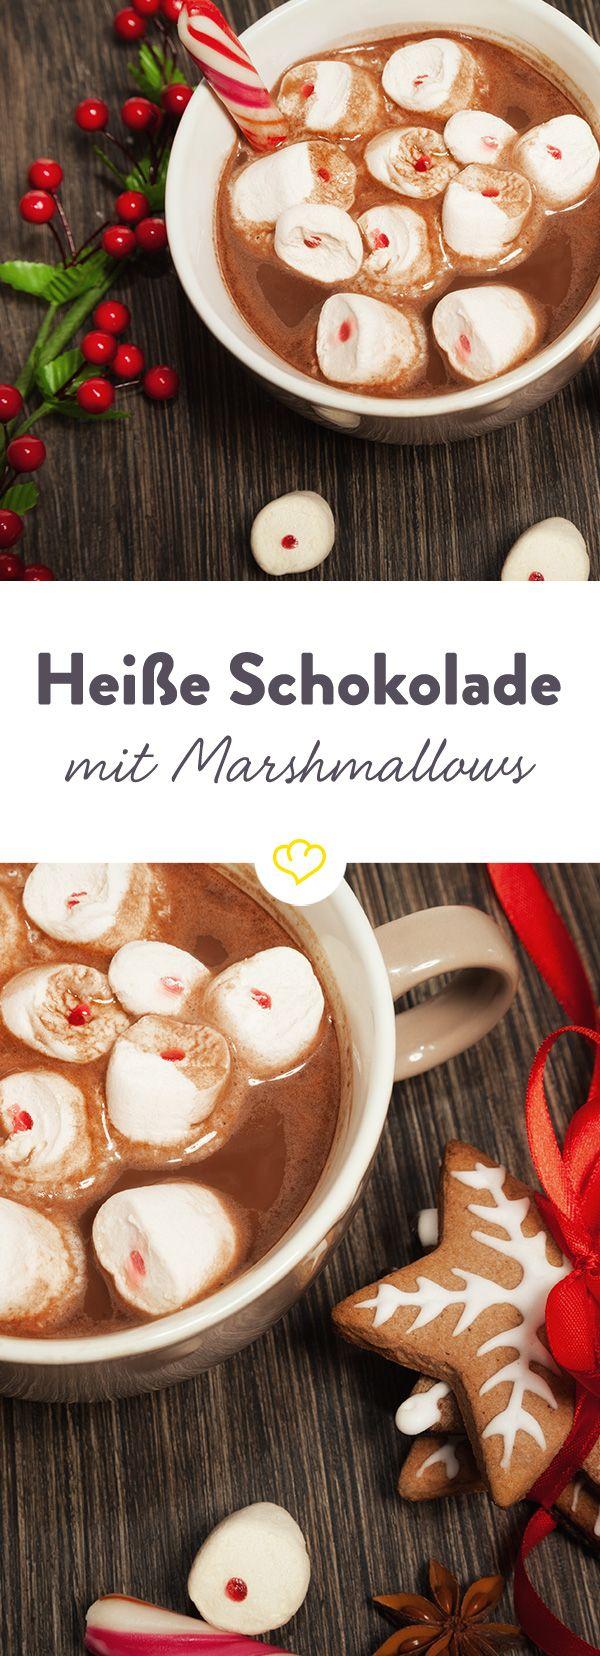 Heiße Schokolade ist purer Genuss. Zusammen mit Vanille und Muskat erhält sie eine würzige Note und schmeckt einfach nach Weihnachten.